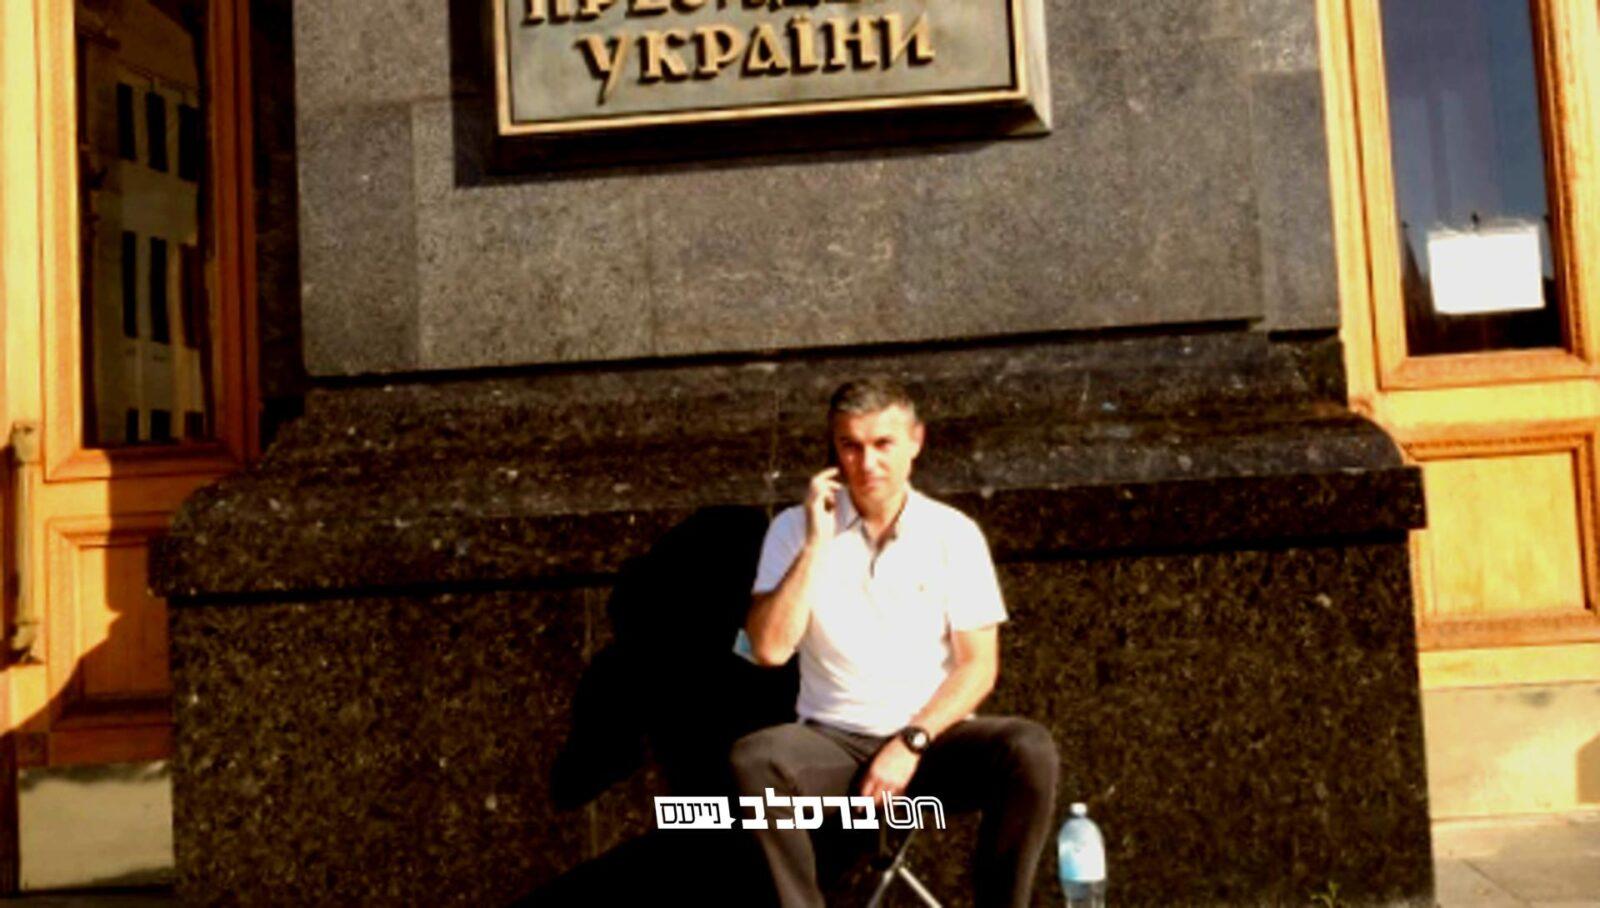 אומן • ראש העיר אומן אלכסנדר צבריי נפסל מלהתמודד בבחירות הקרובות לראשות העירייה